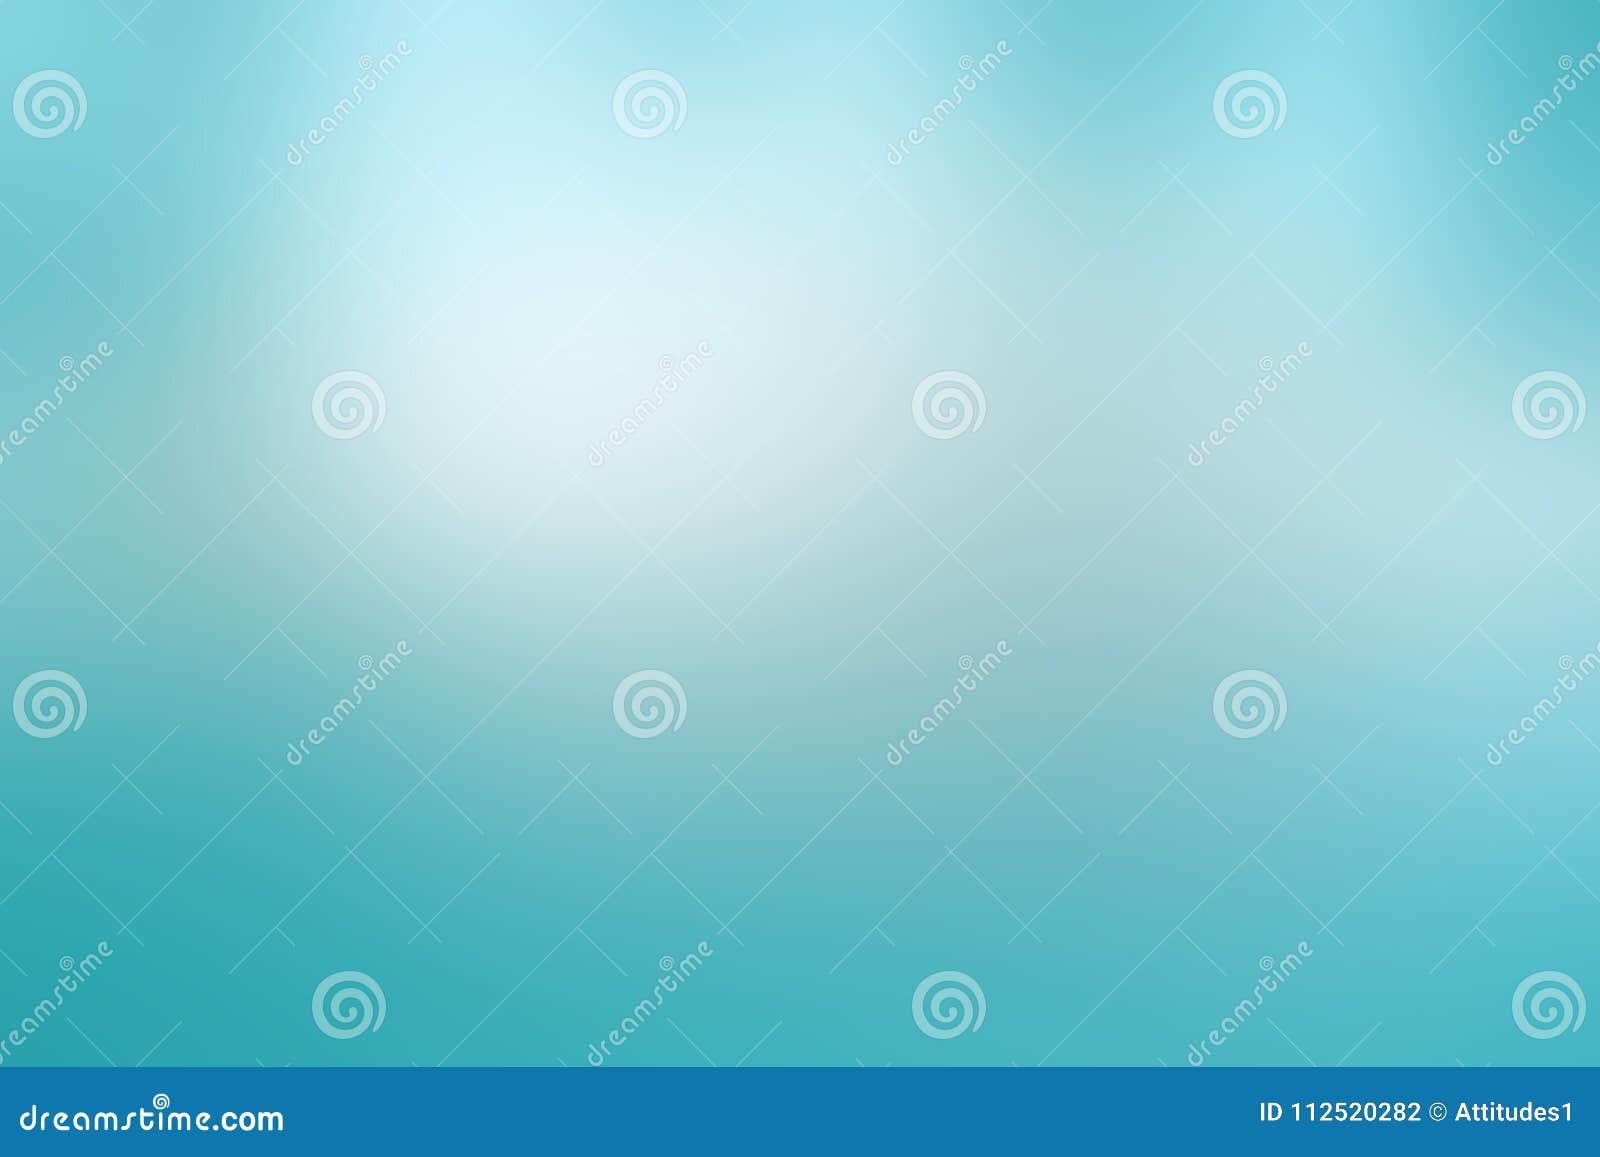 O fundo claro dos azul-céu na mola pastel ou as cores da Páscoa com branco nebuloso borraram pontos no projeto fresco limpo